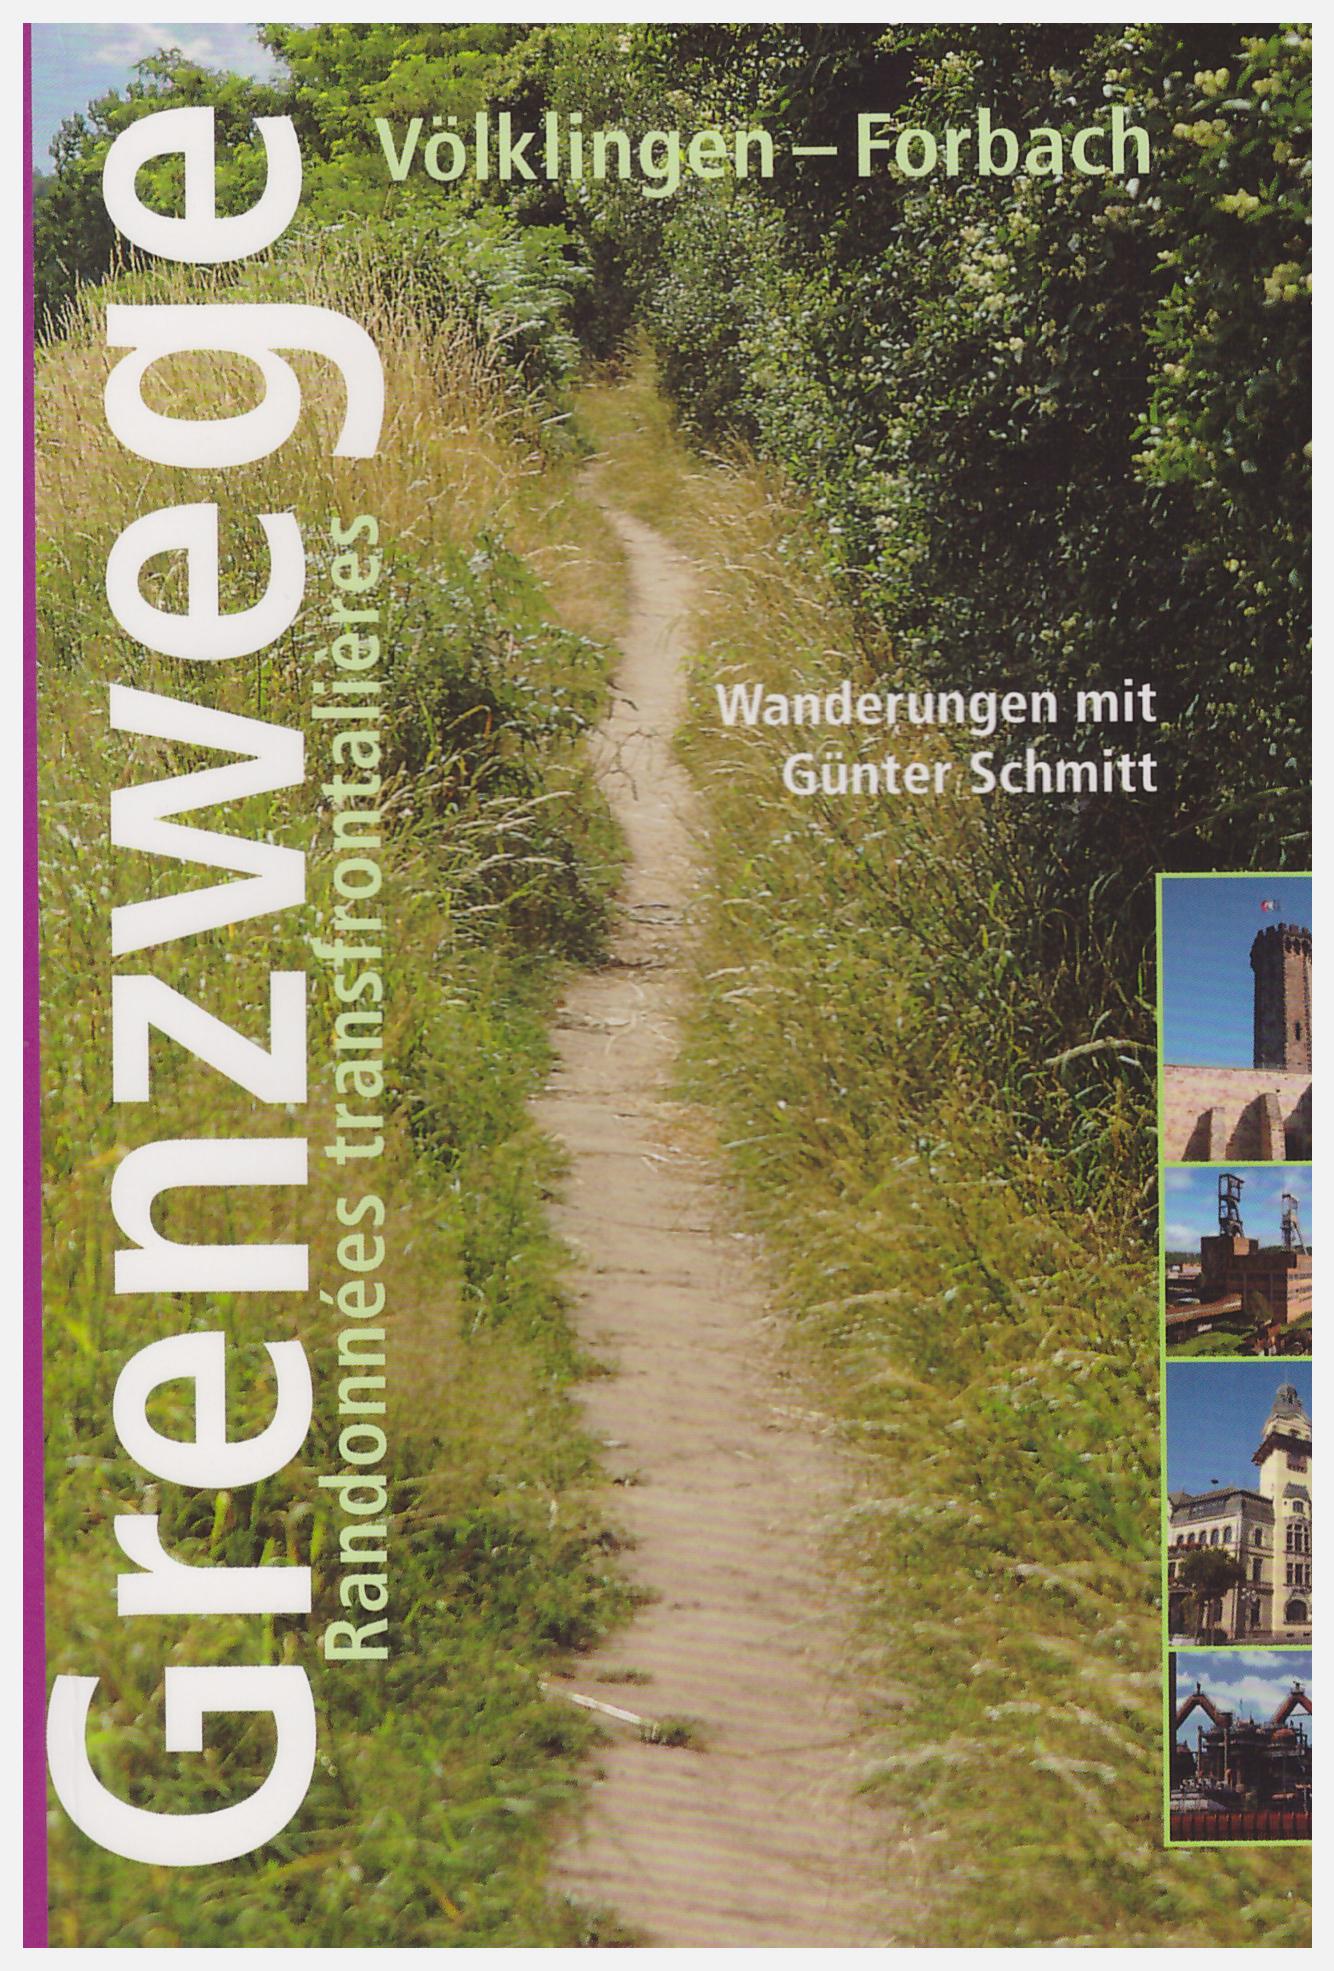 Grenzwege Völklingen-Forbach